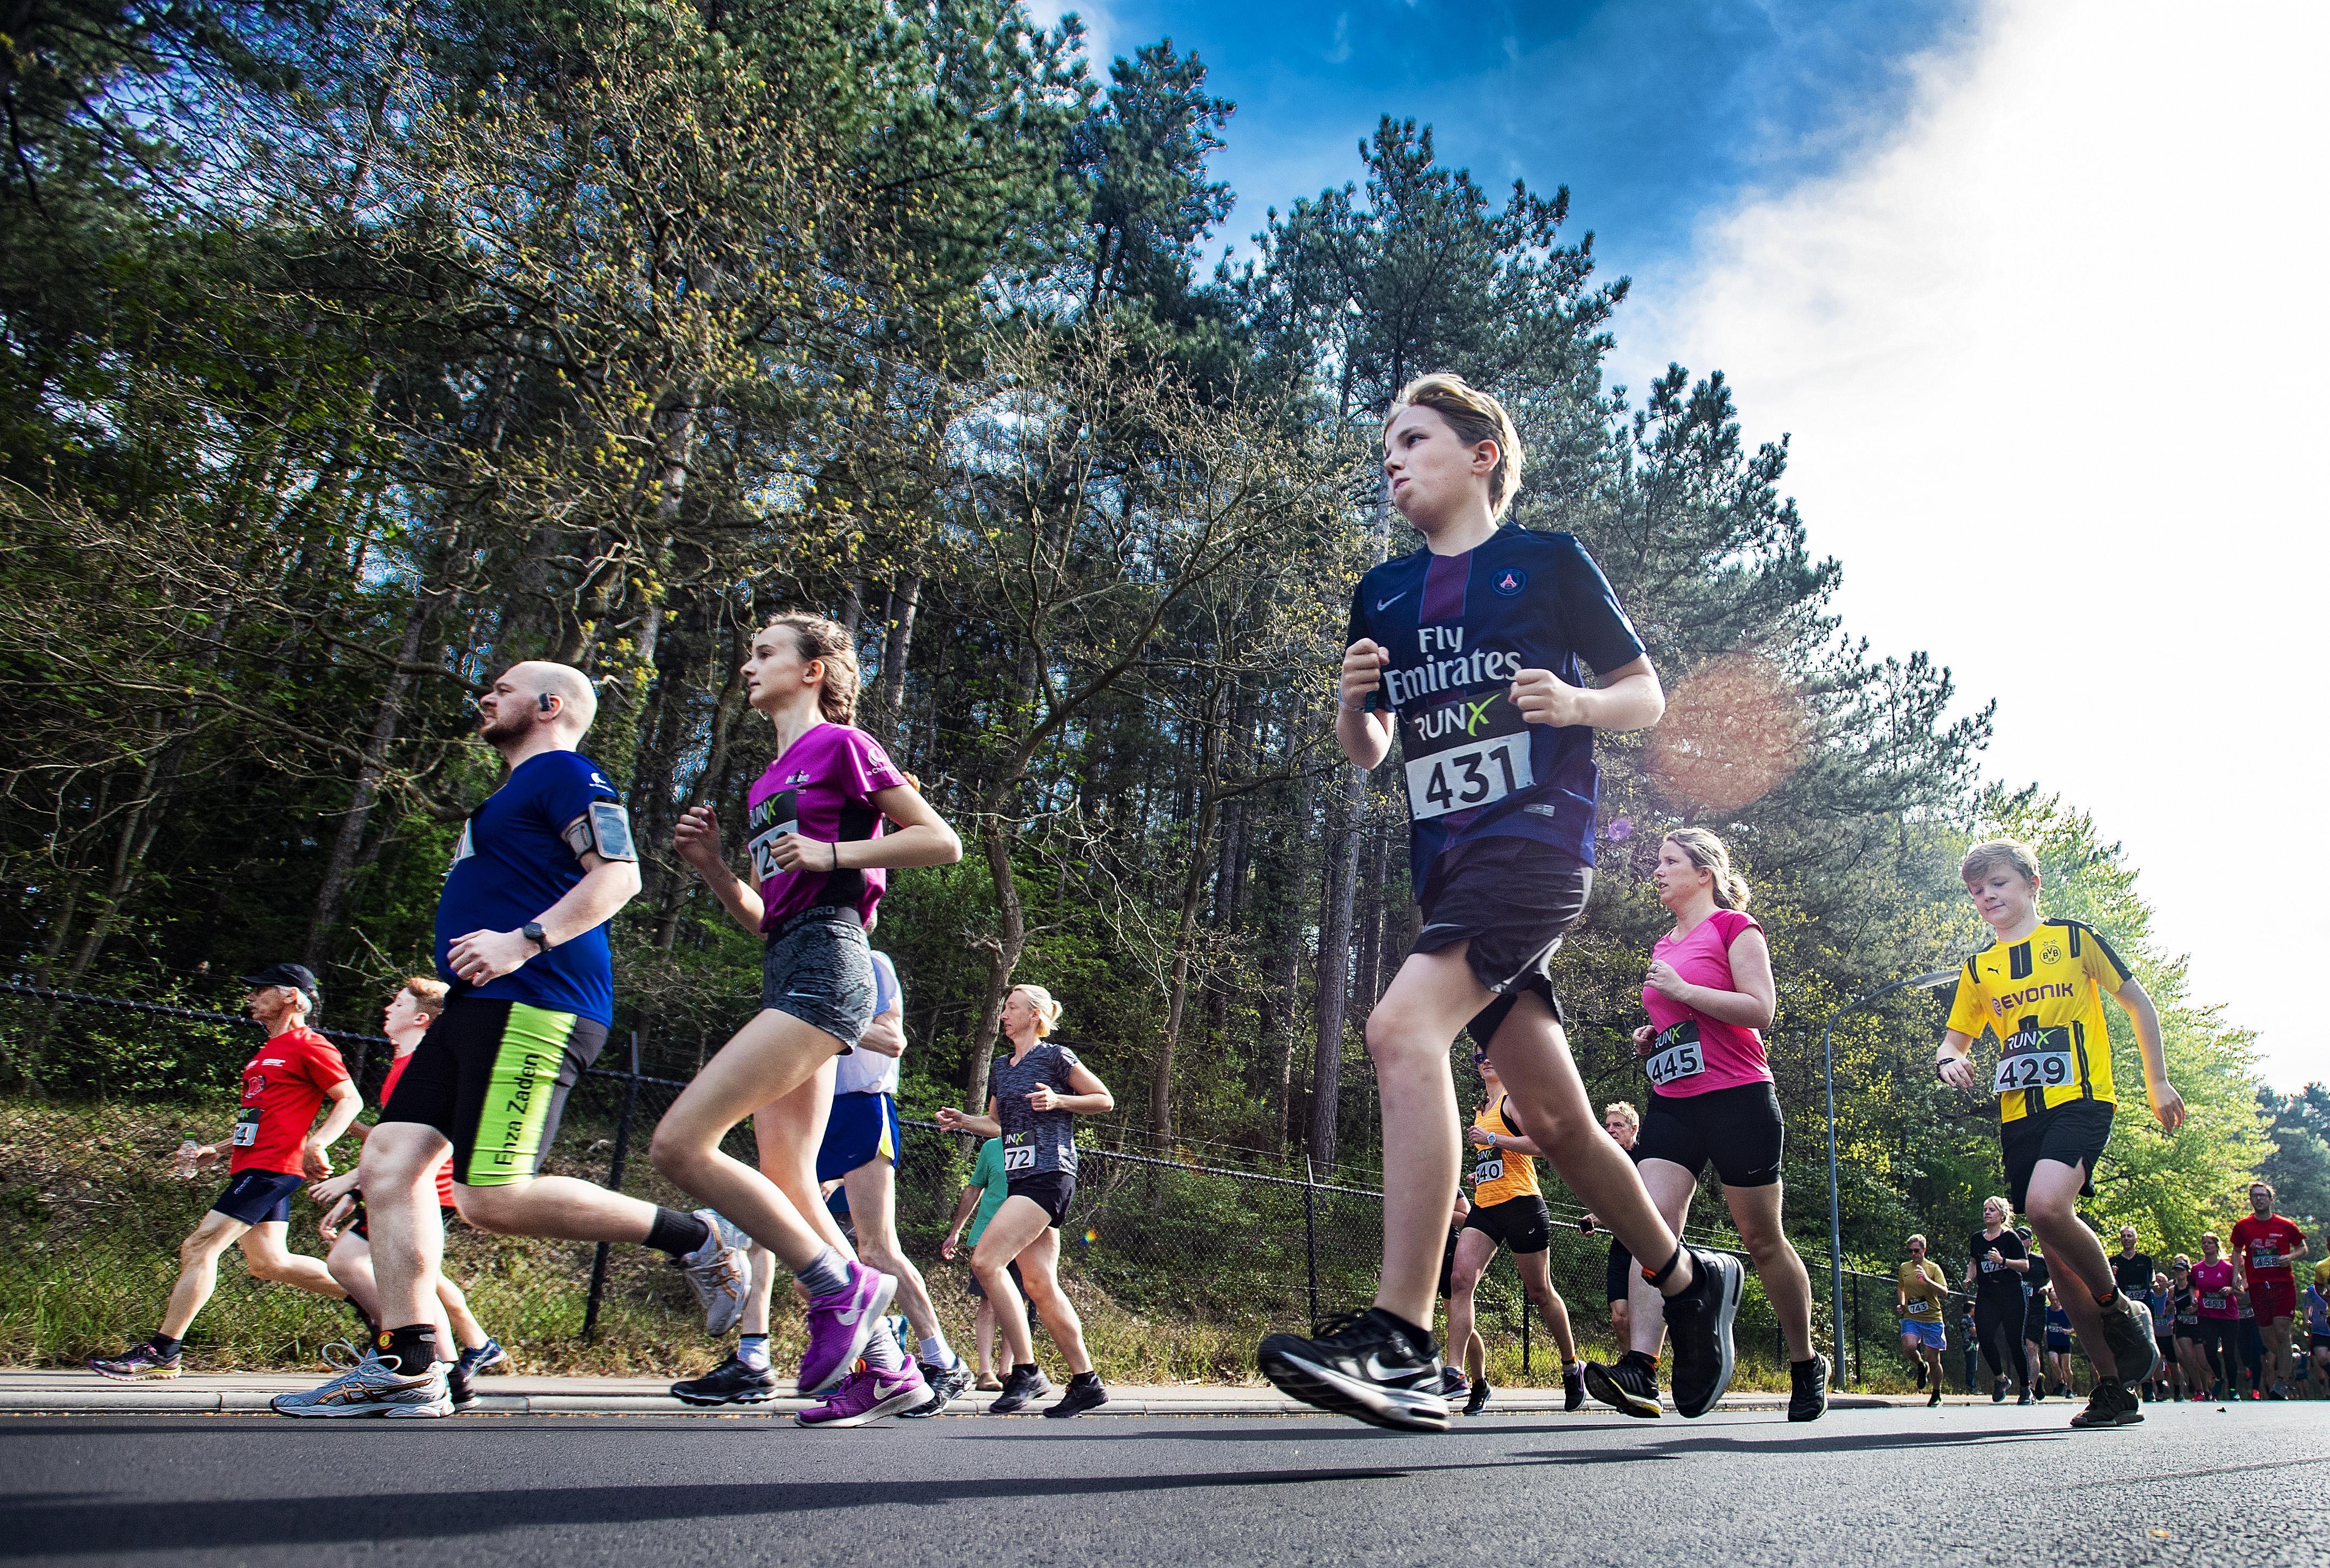 Daan Oppenhuis wint vijf kilometer Lions Heuvelloop in persoonlijk record